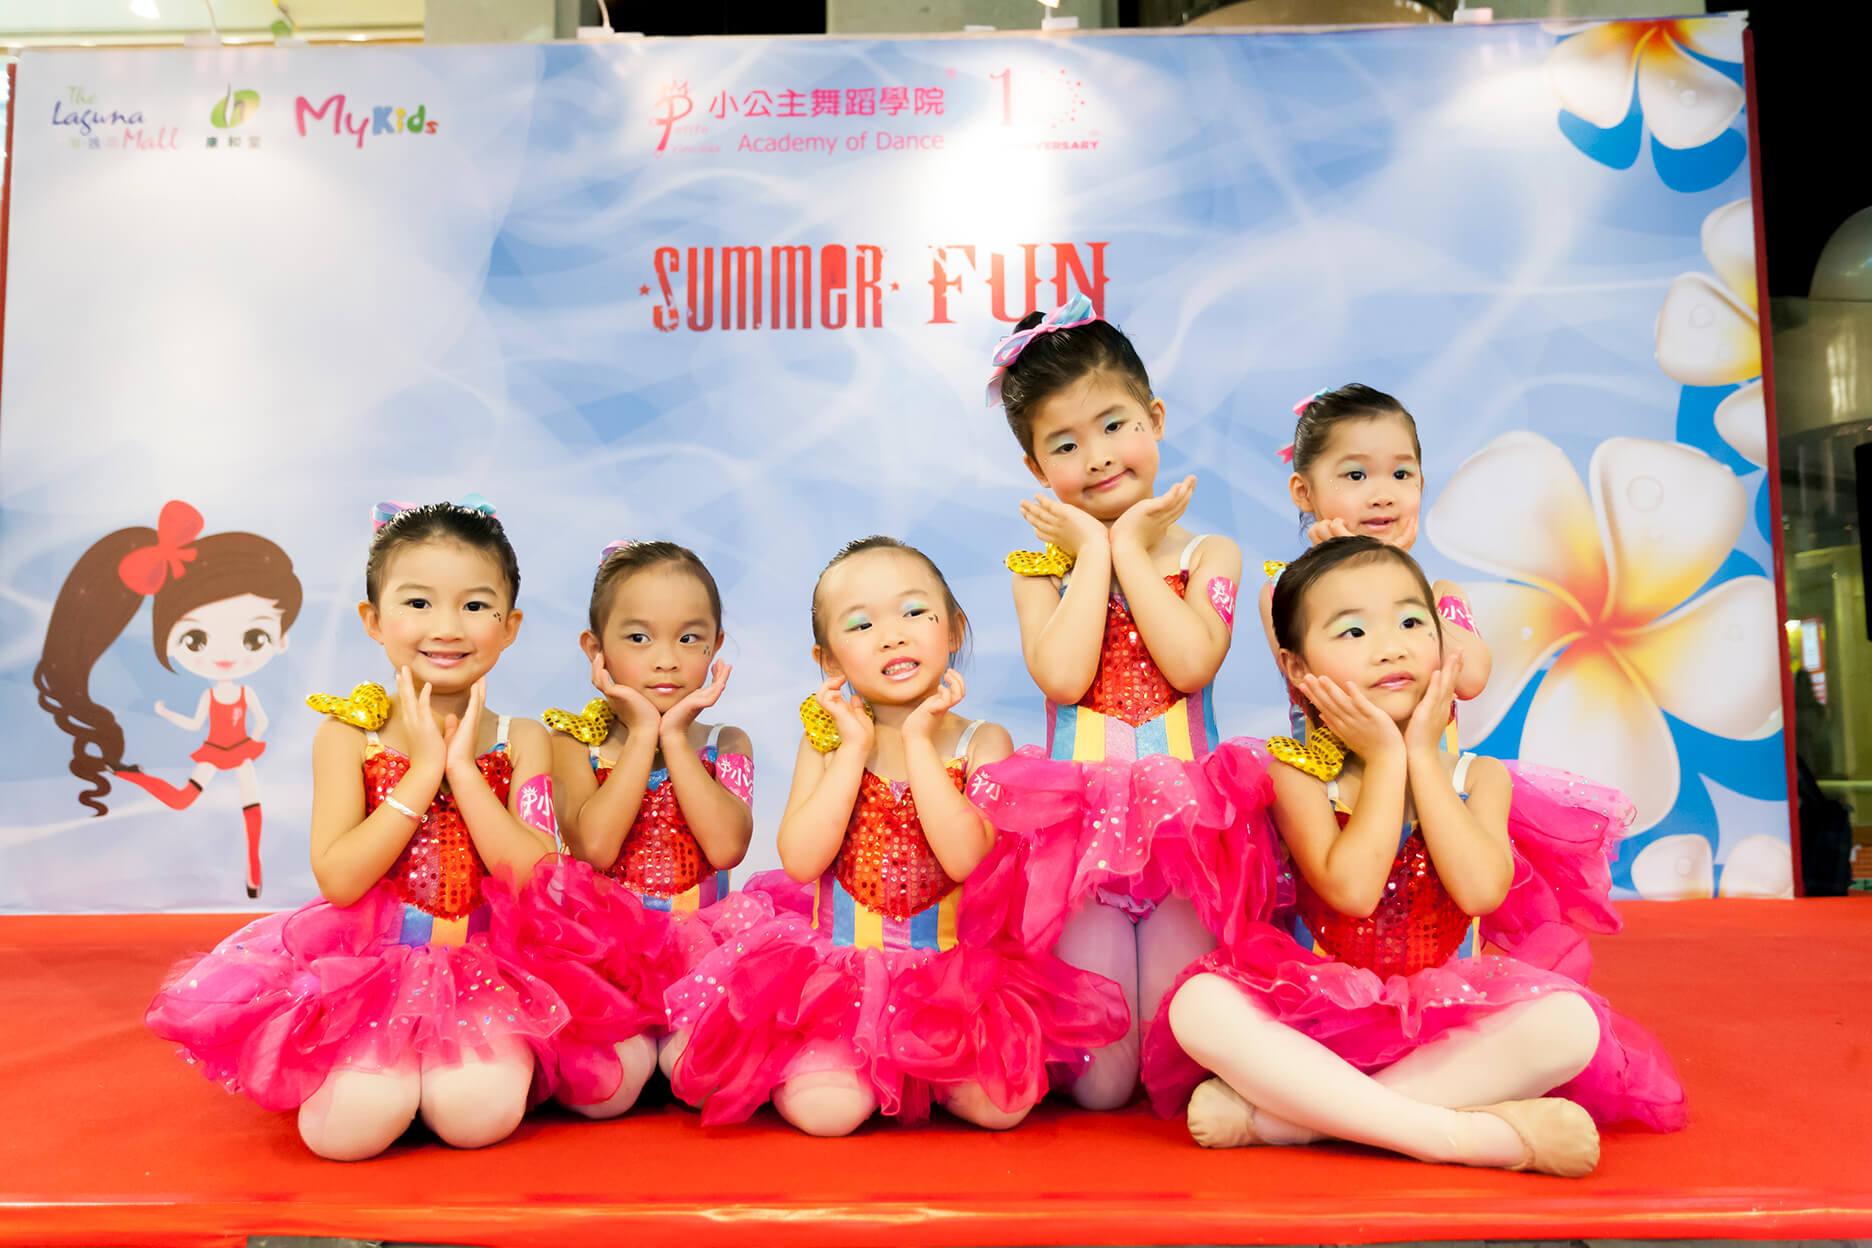 夏日動感Summer Fun